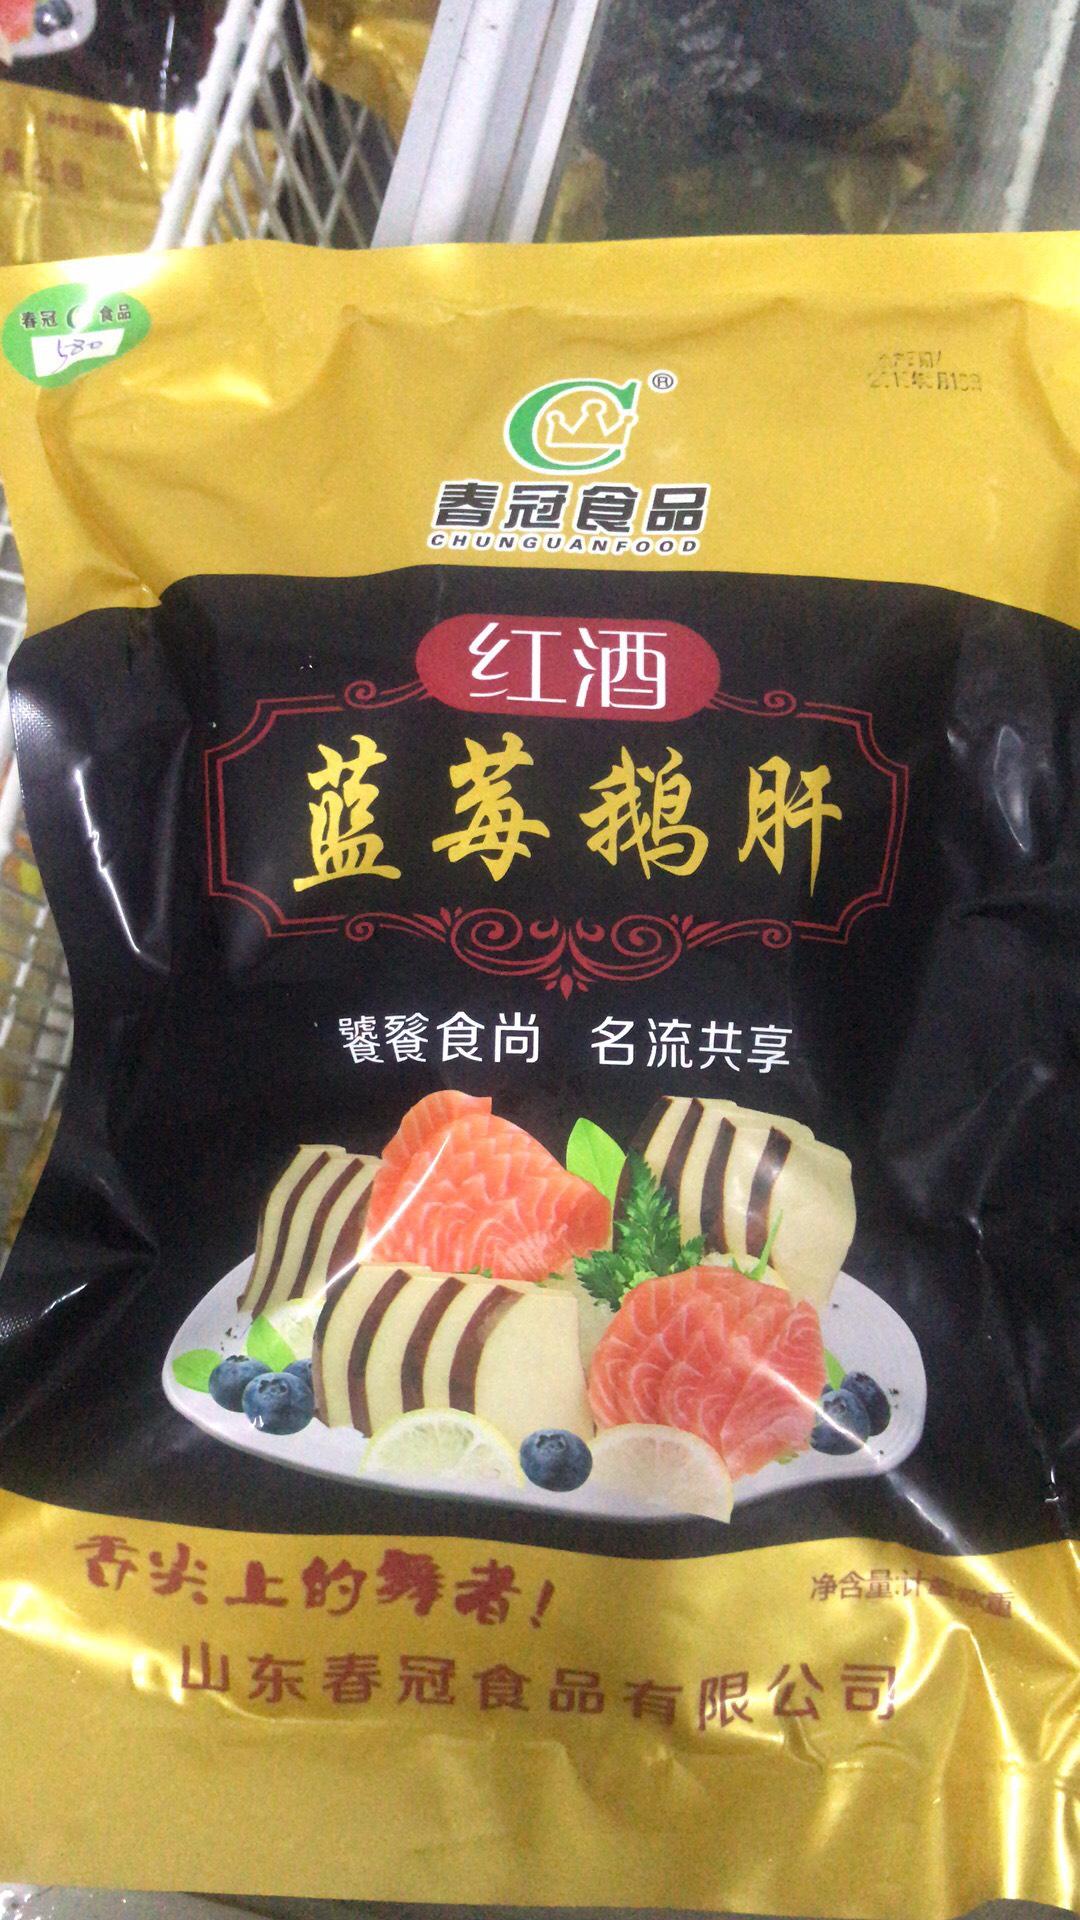 [鹅肝批发]鹅肝 价格110元/斤